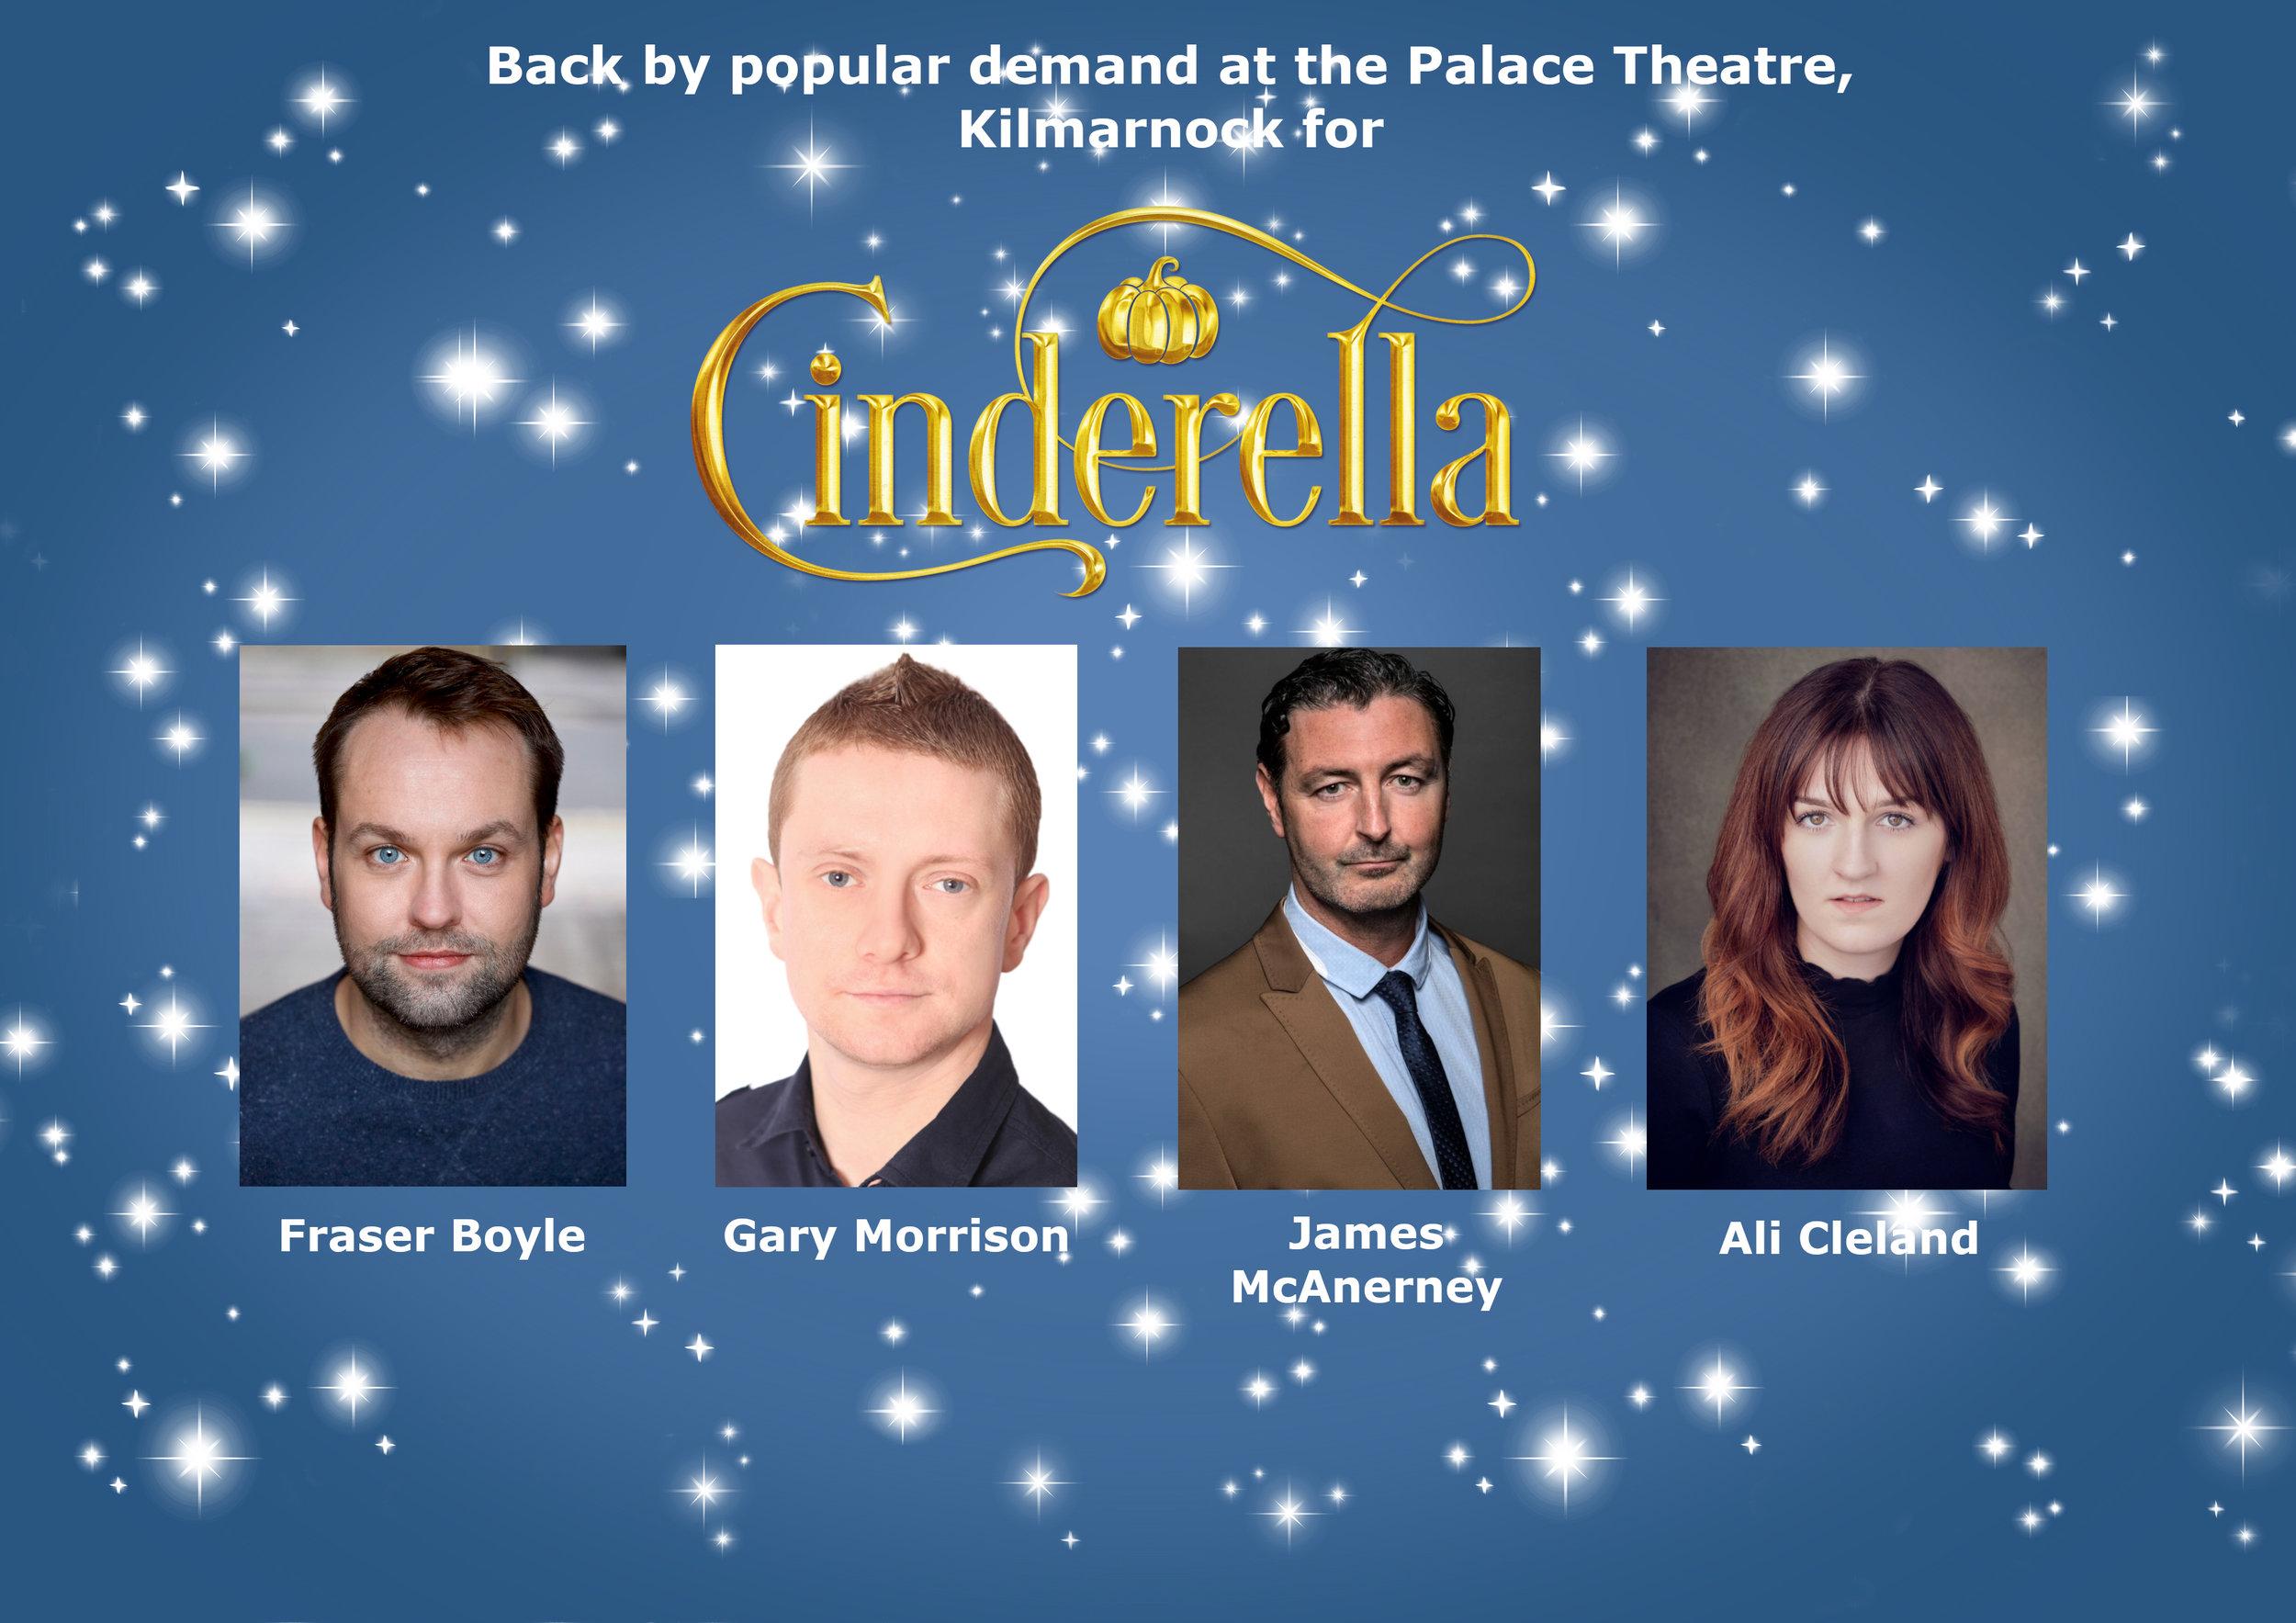 Cinders  Kilmarnock cast.jpeg